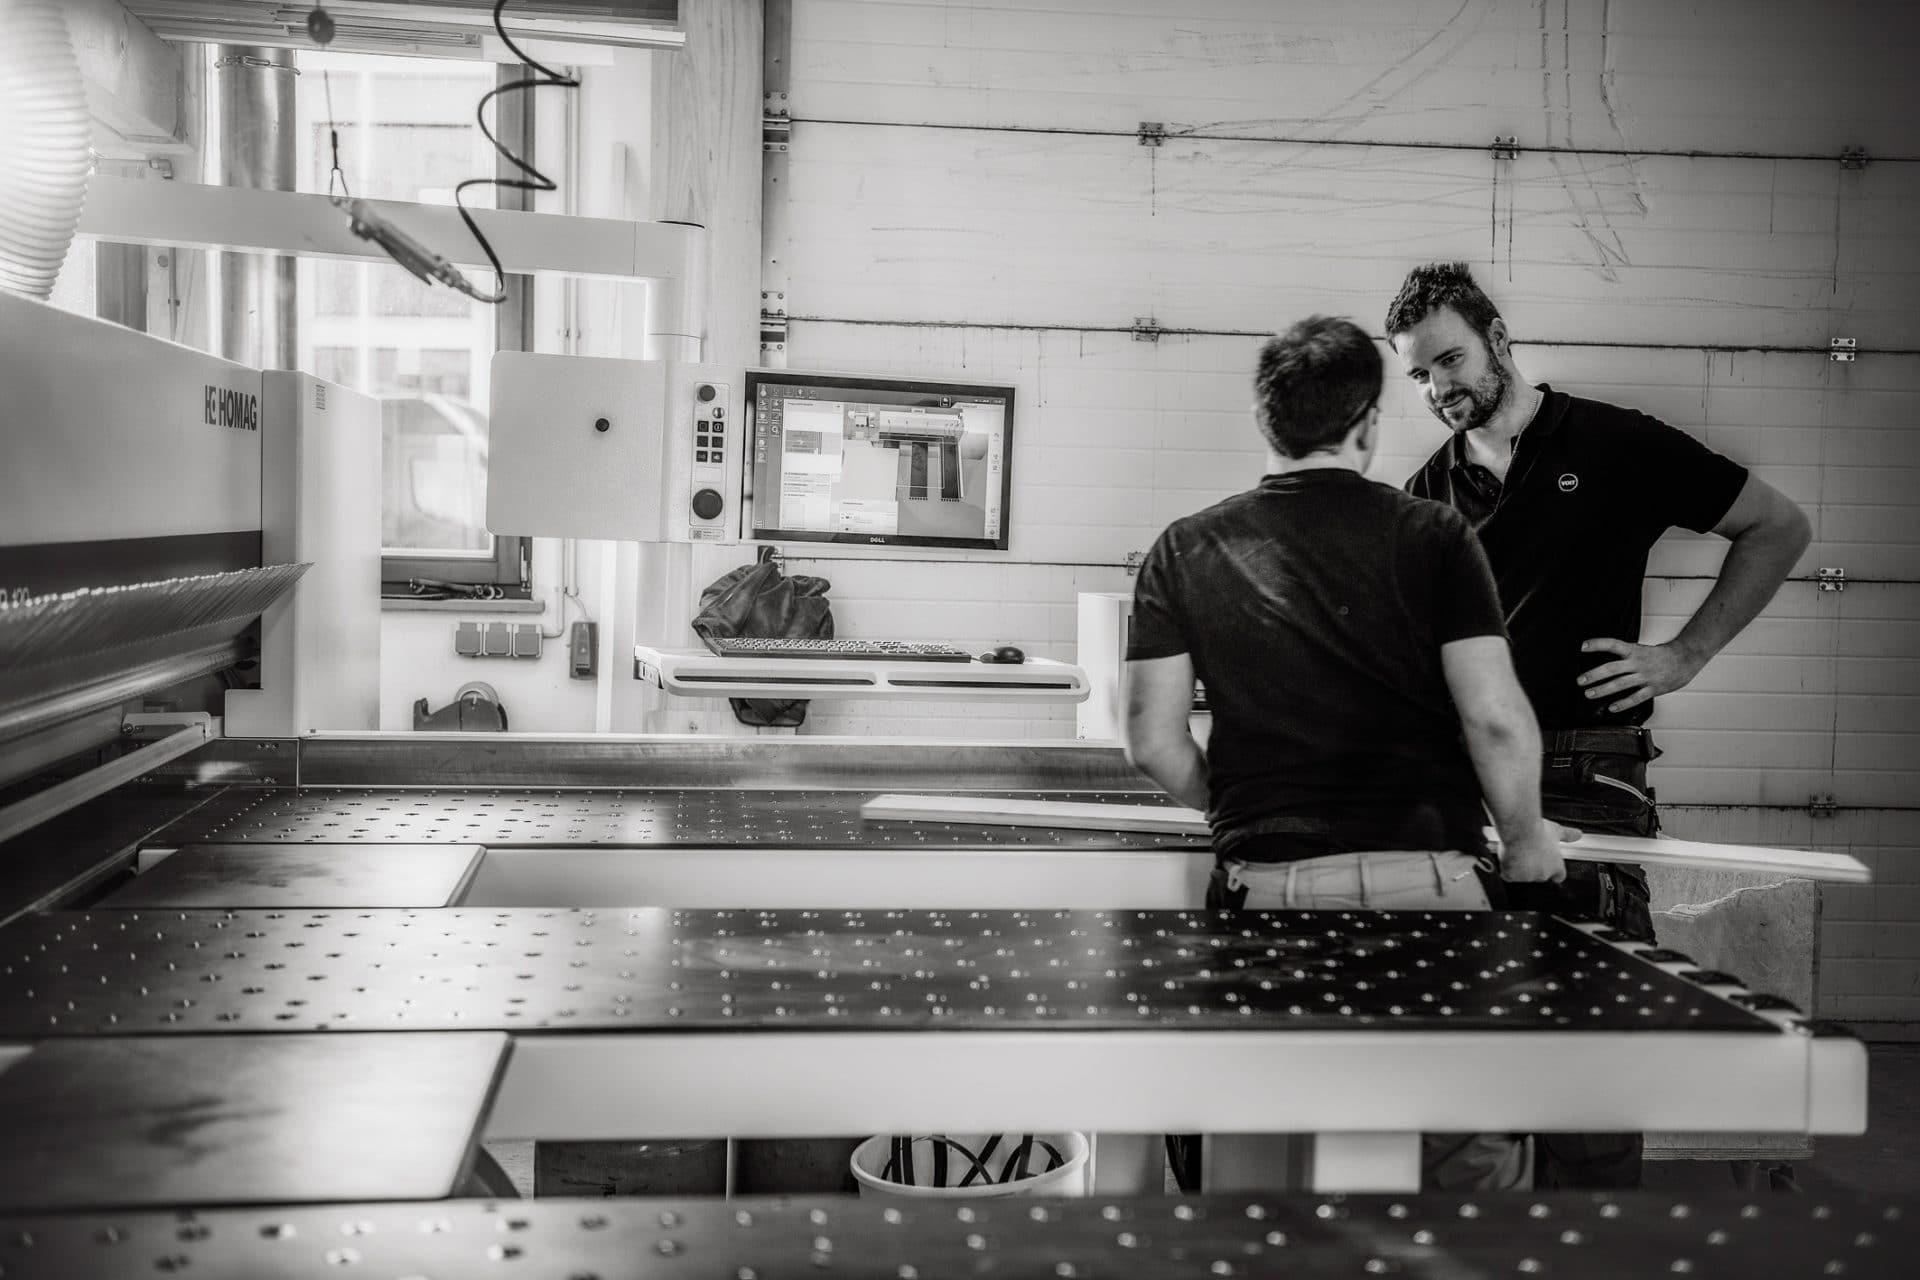 Zwei Schreiner legen ein Werkstück in eine HOMAG Verarbeitungsmaschine ein - Bild schwarz-weiß